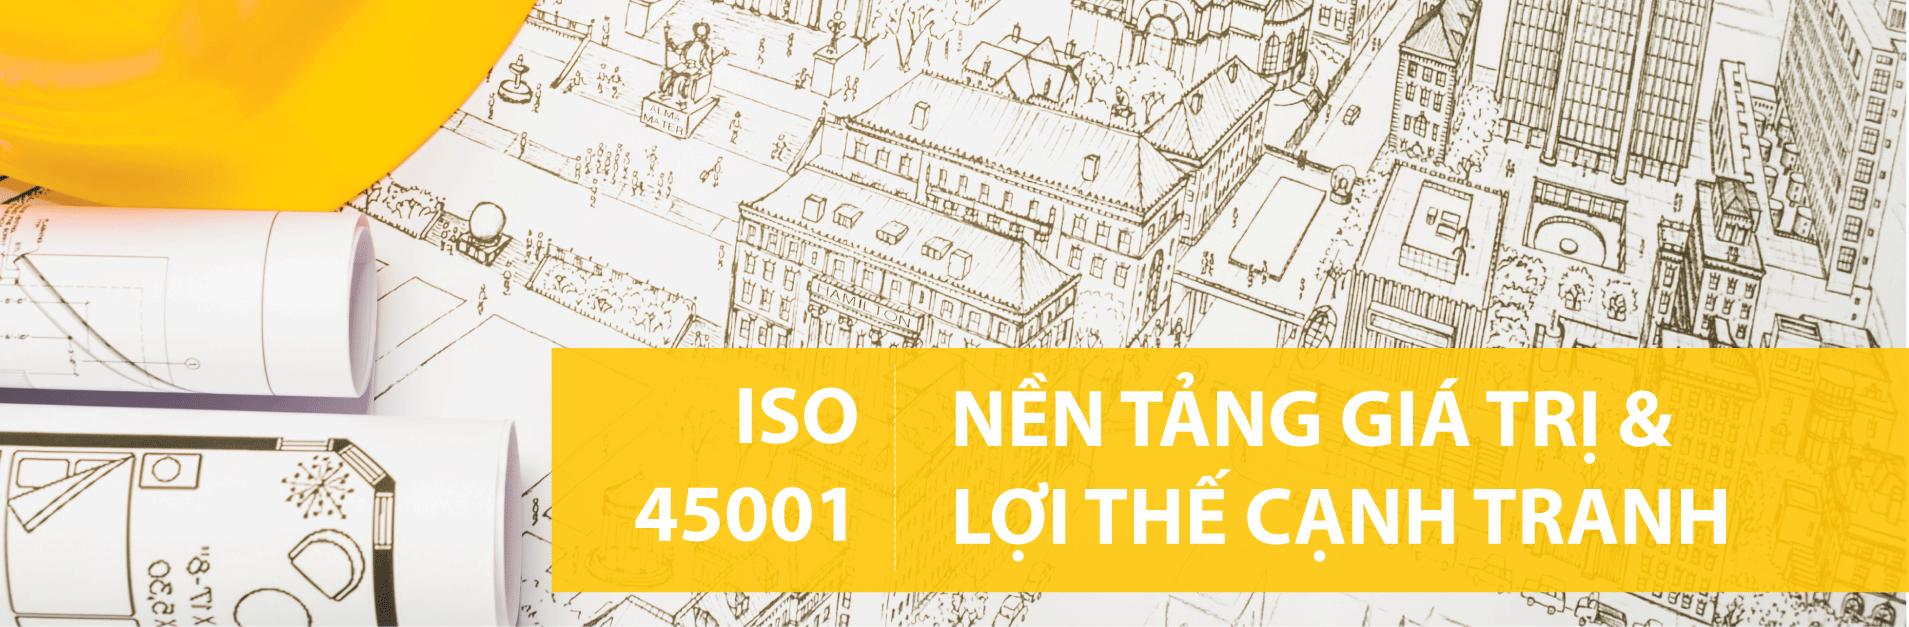 Cấu trúc tiêu chuẩn ISO 45001:2018